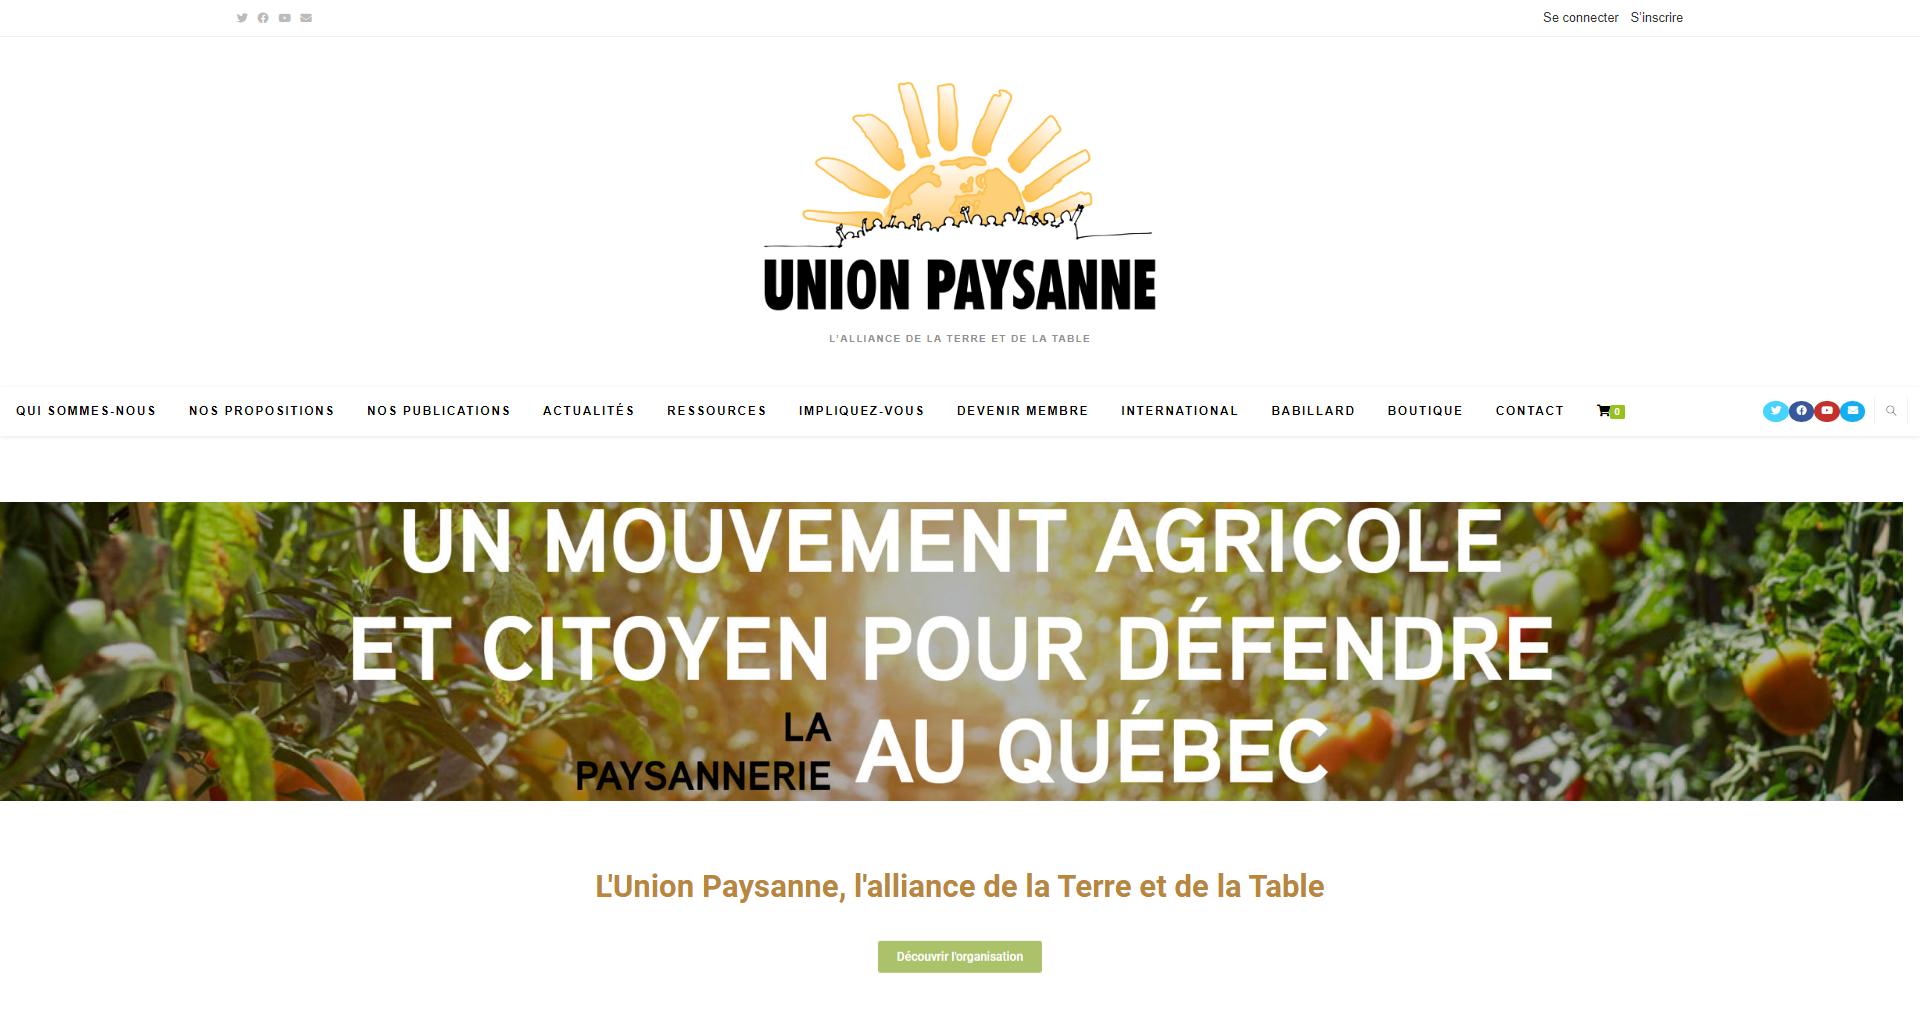 Refonte du site web de l'Union Paysanne